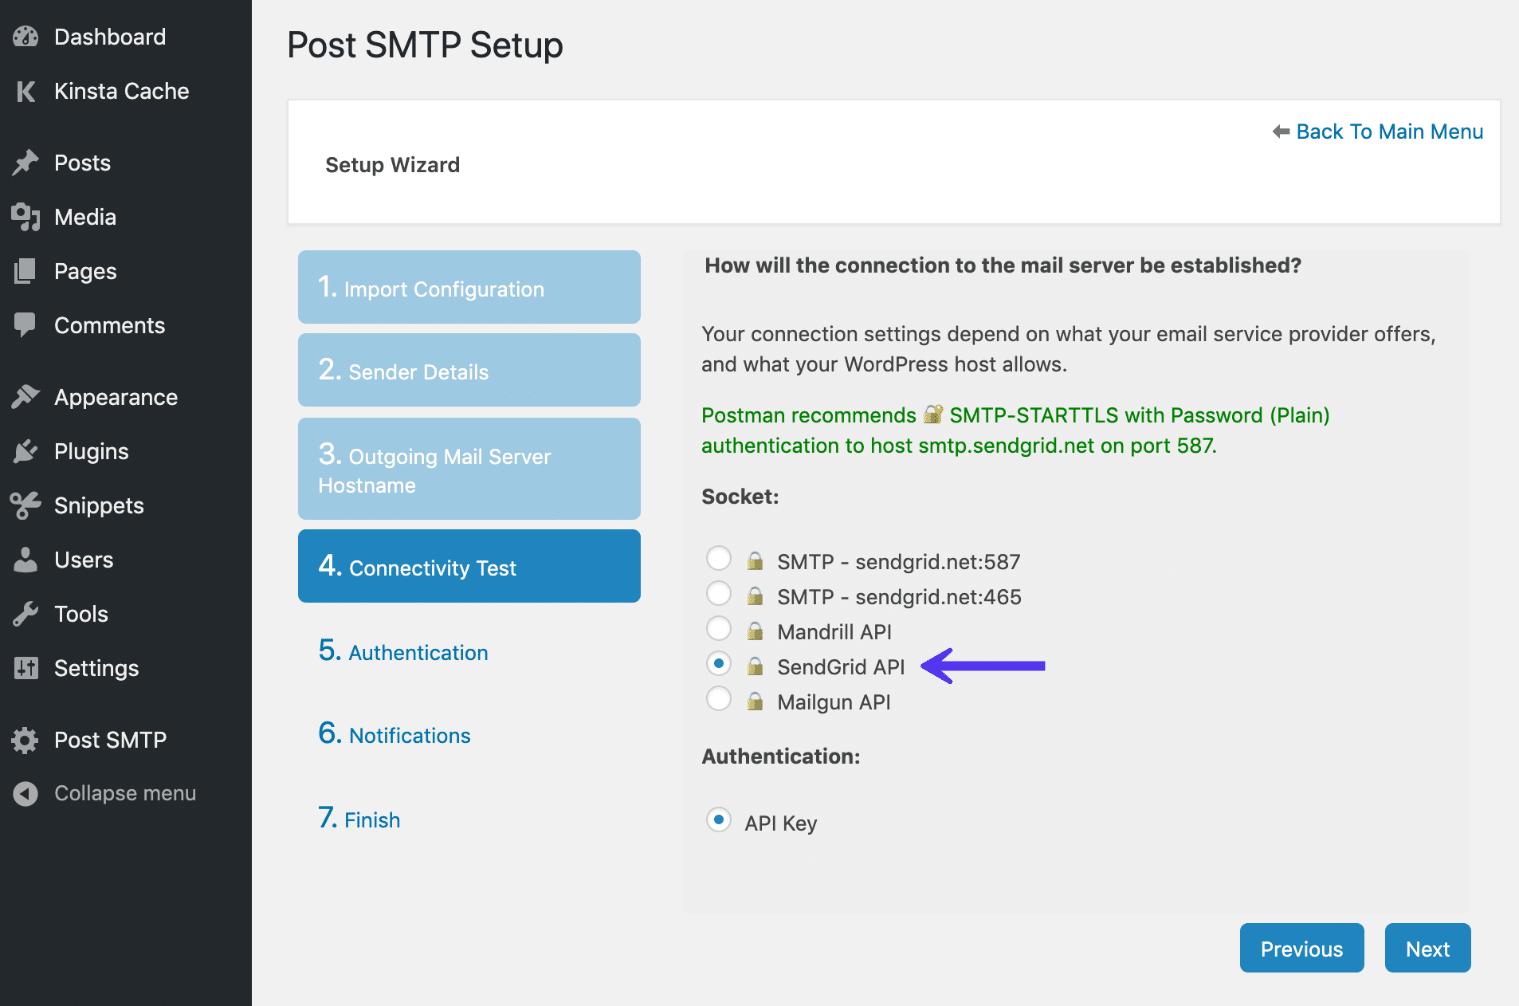 SendGrid API認証